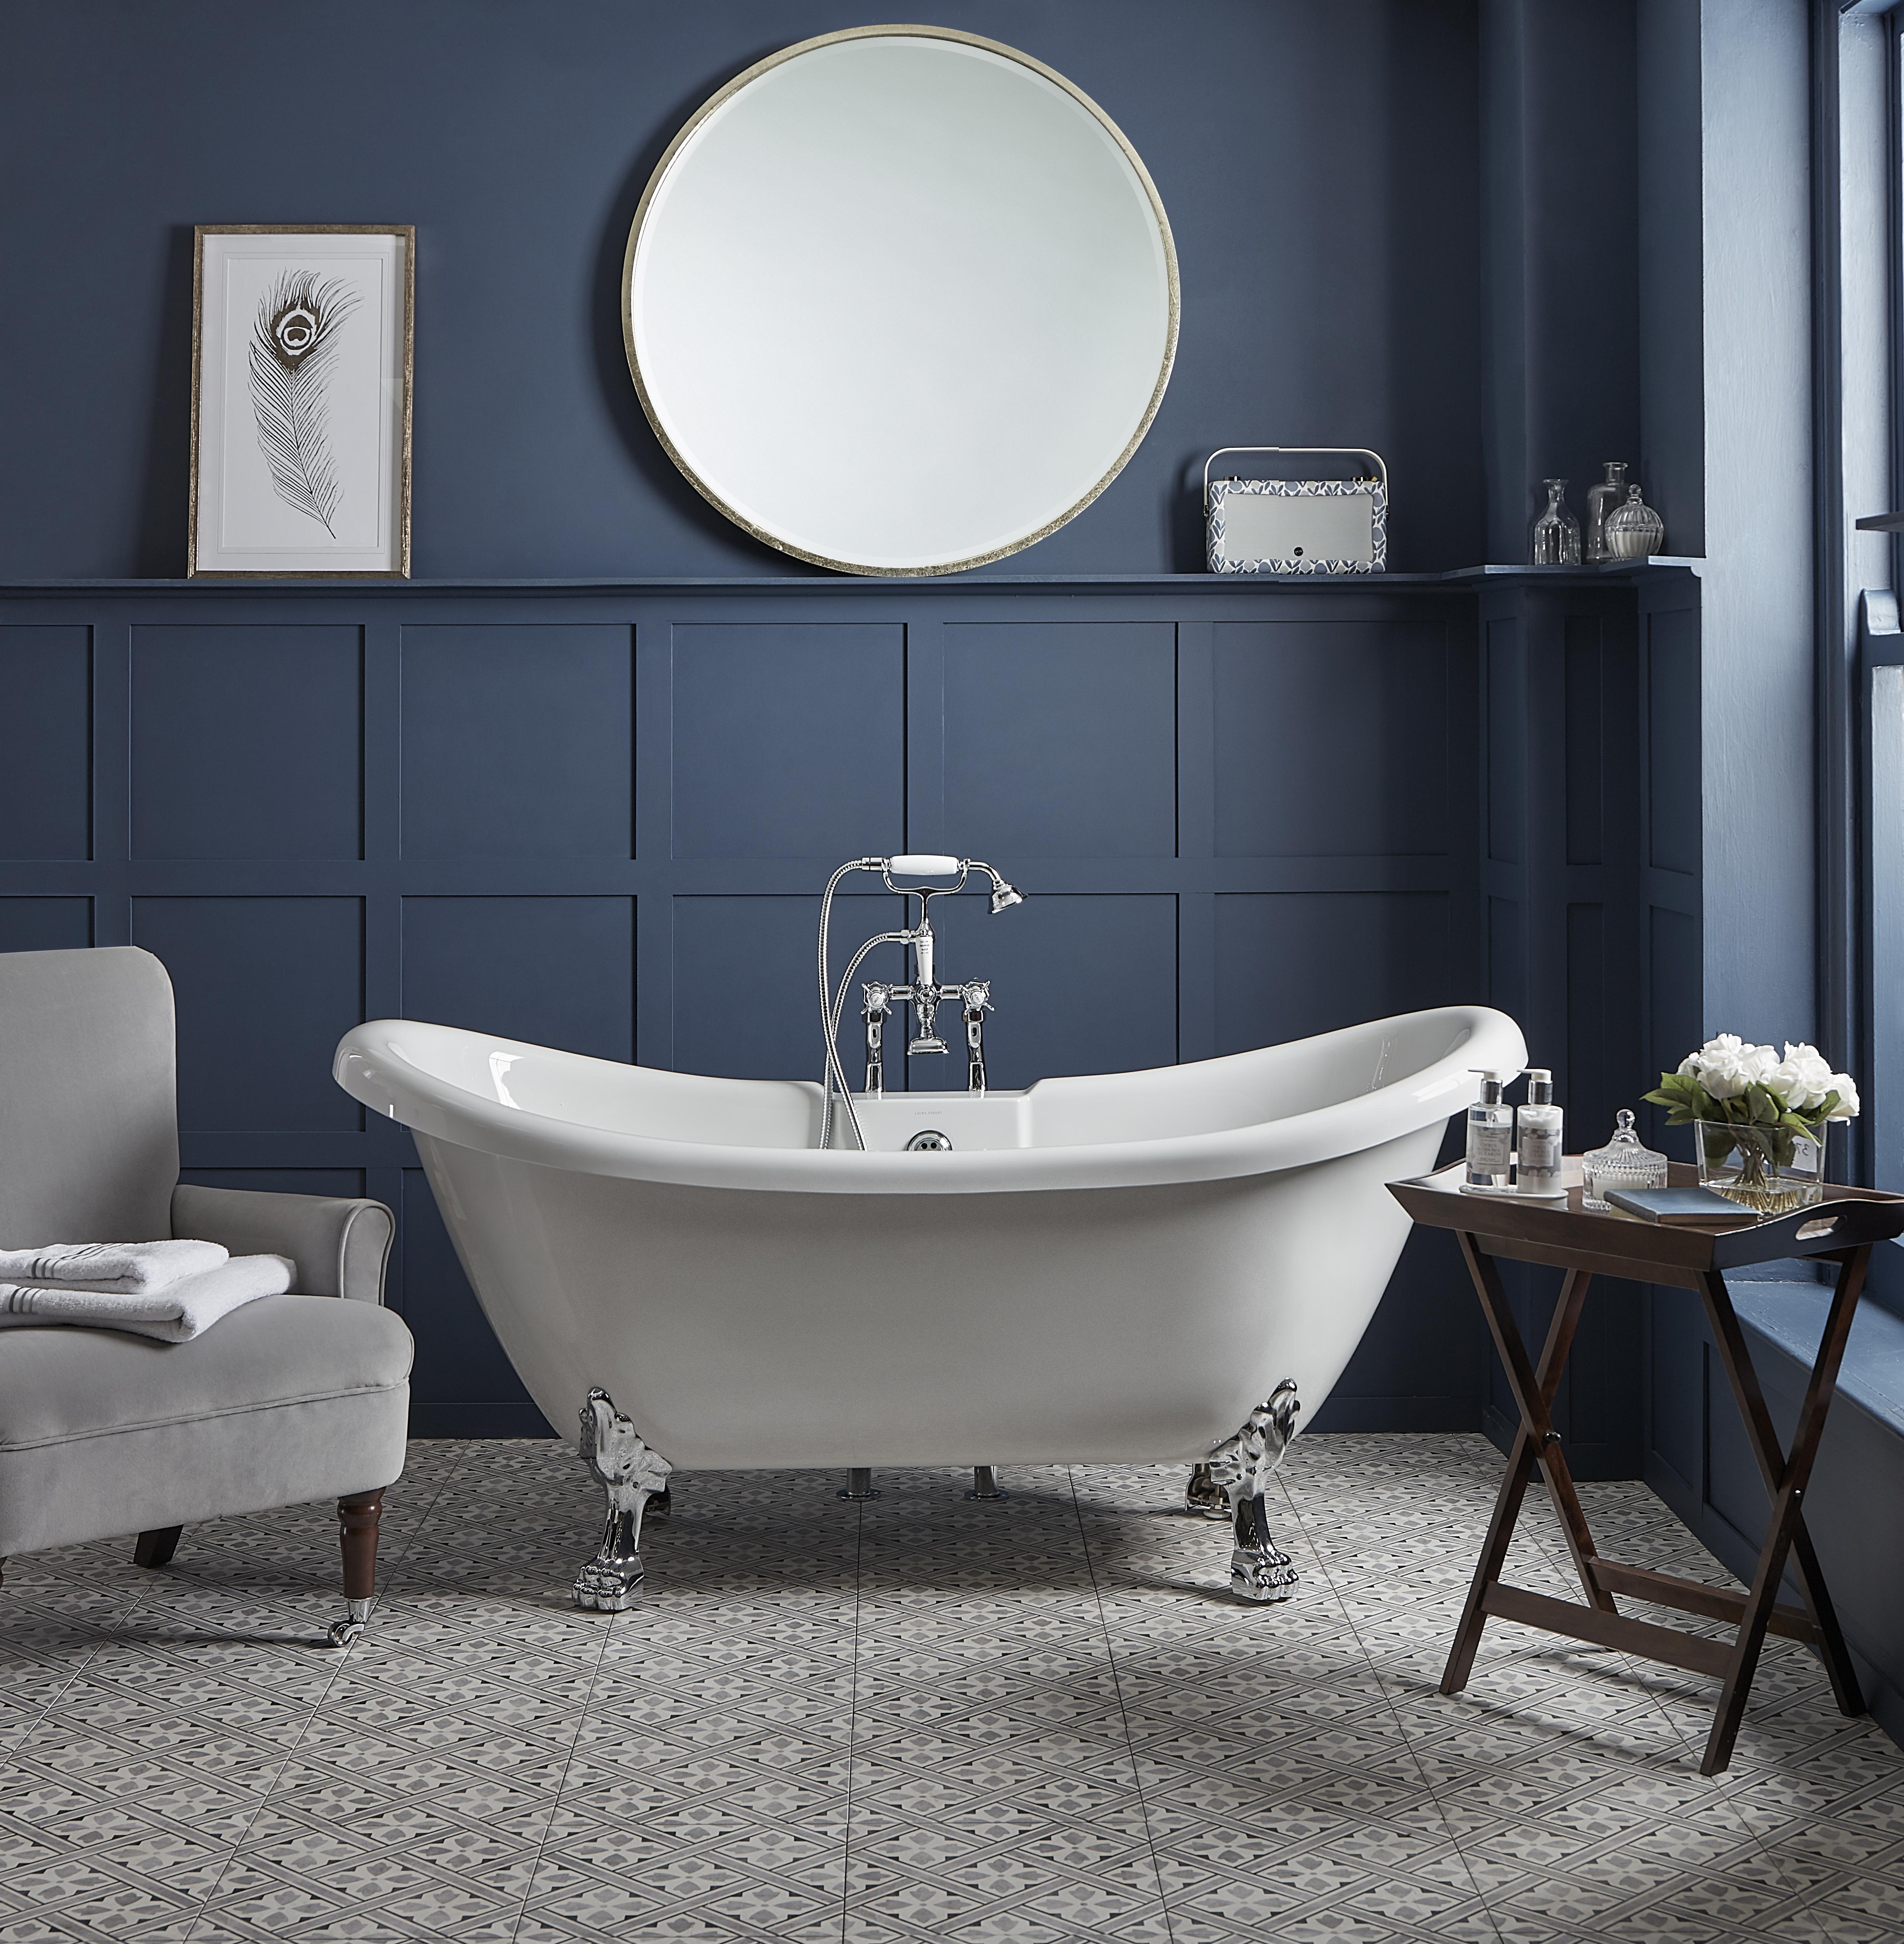 Alveston bath lifestyle